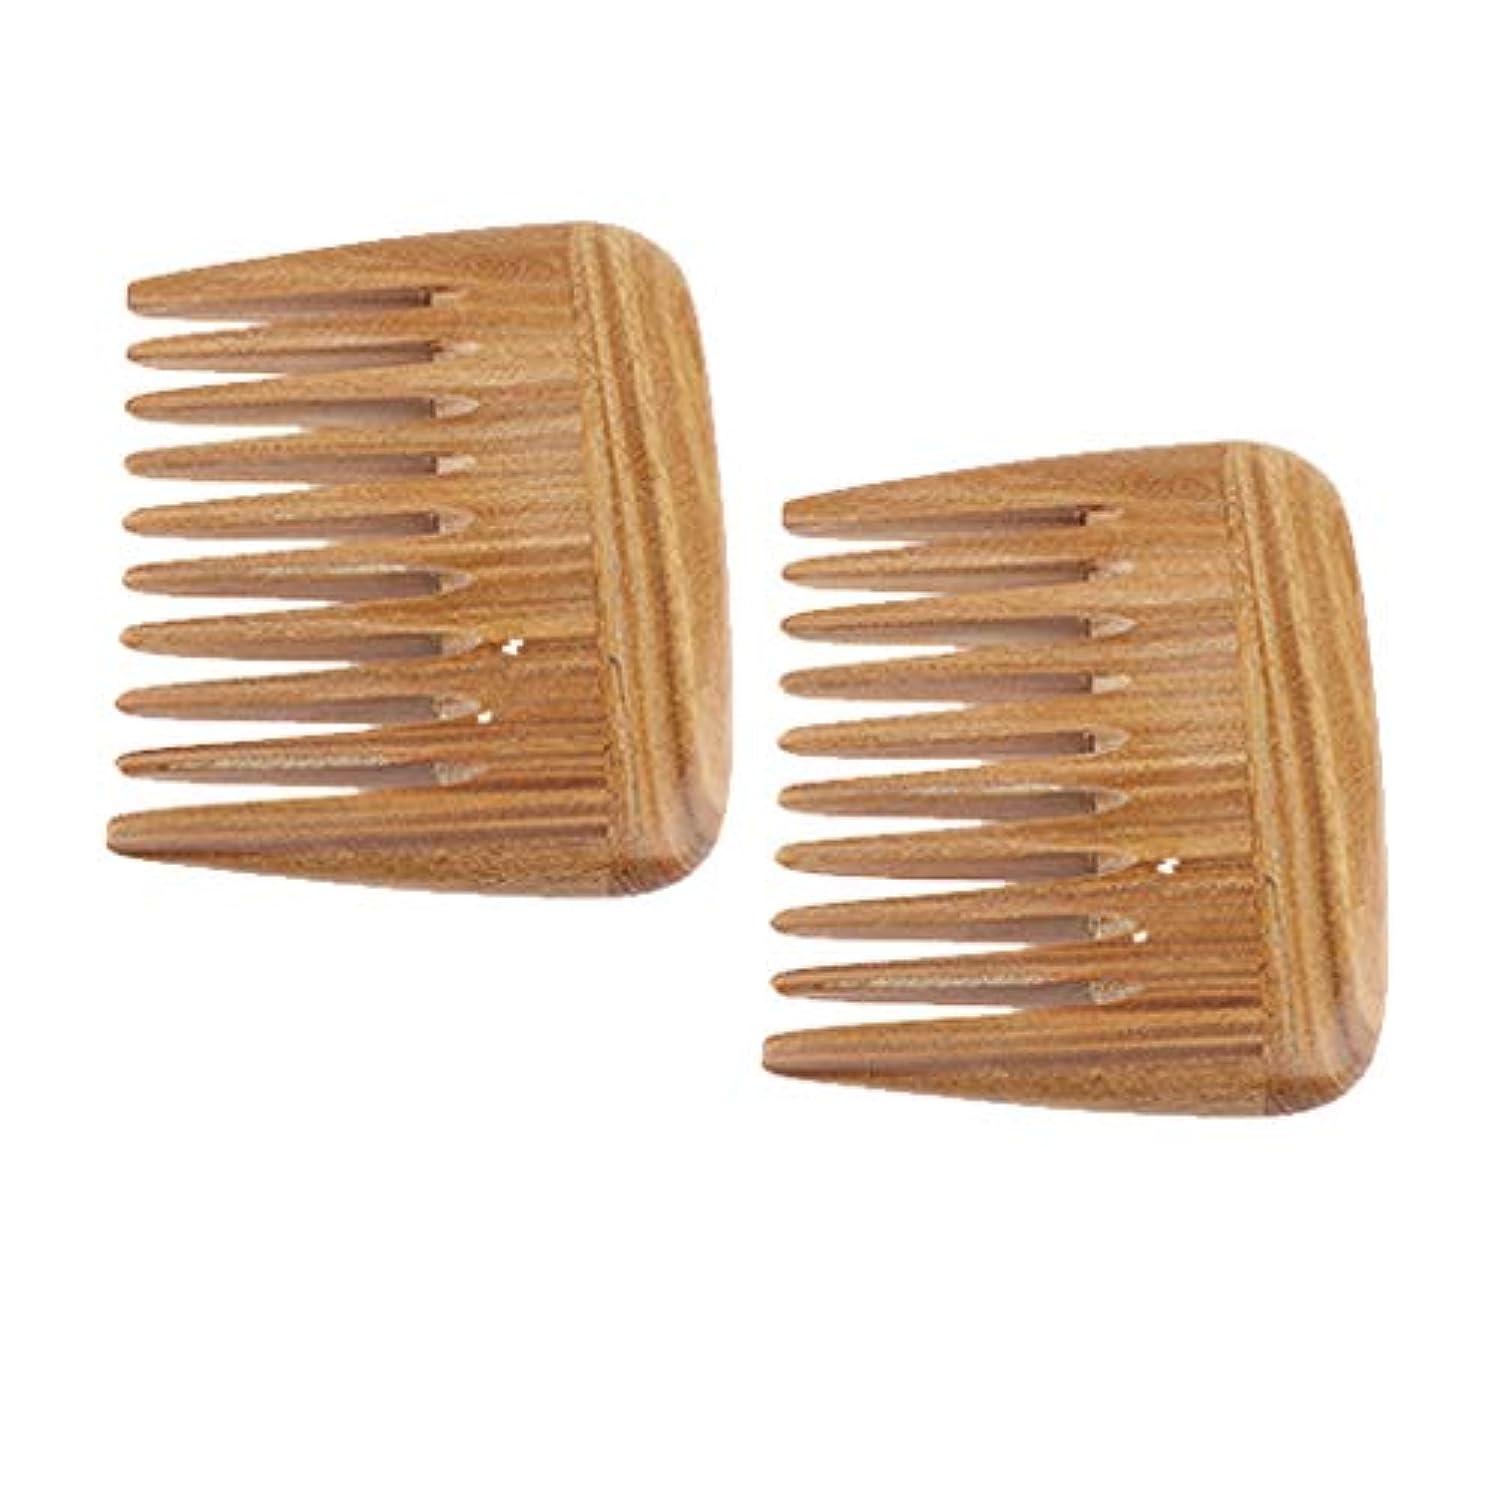 満州地理少しCUTICATE レトロポケットブラシ 静電気 防止天然マッサージ広い歯 髪の櫛 2個入り